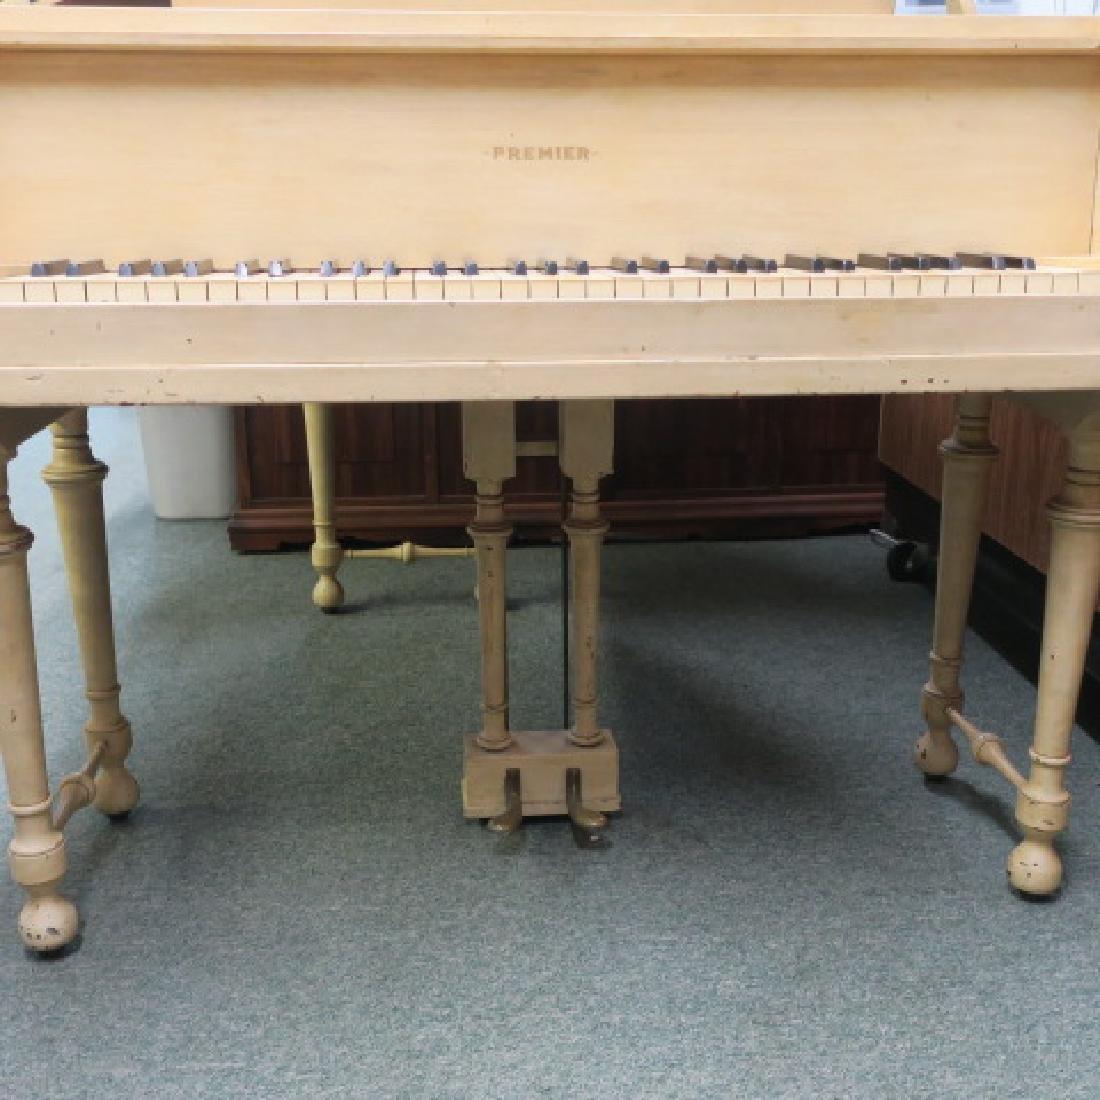 Rare PREMIER PIANO CORP Petite Parlor Grand Piano: - 2